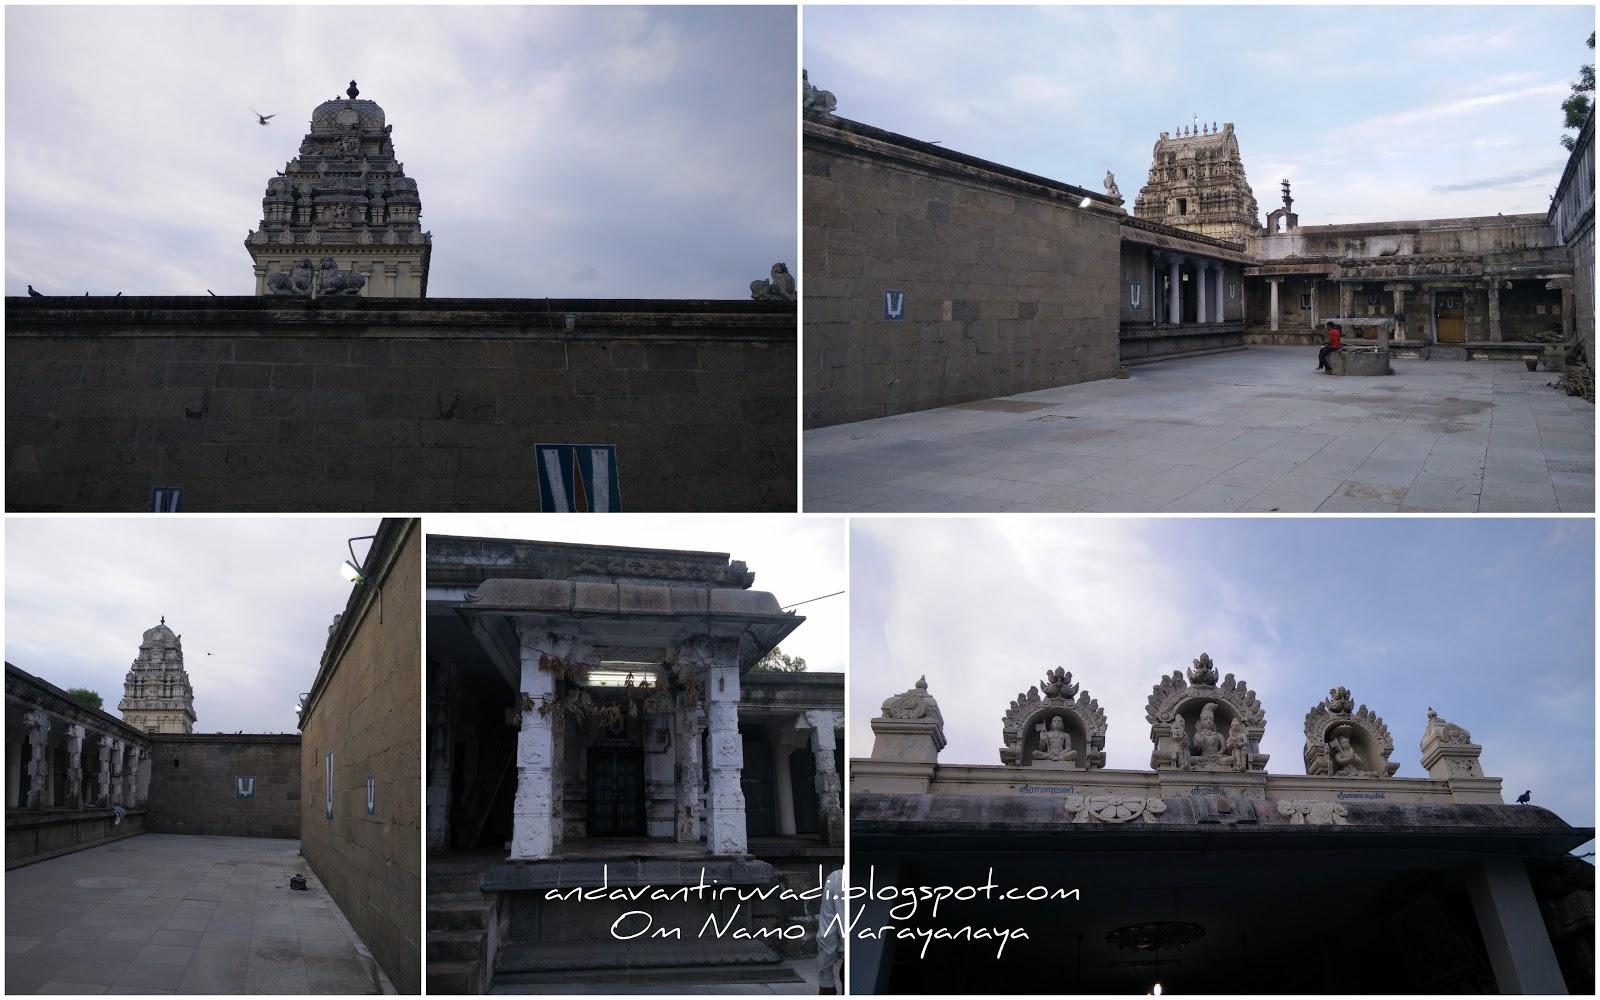 108 திவ்யதேசம், தொண்டைநாடு திவ்யதேசம், கண்ணுக்கினியன கண்டோம்